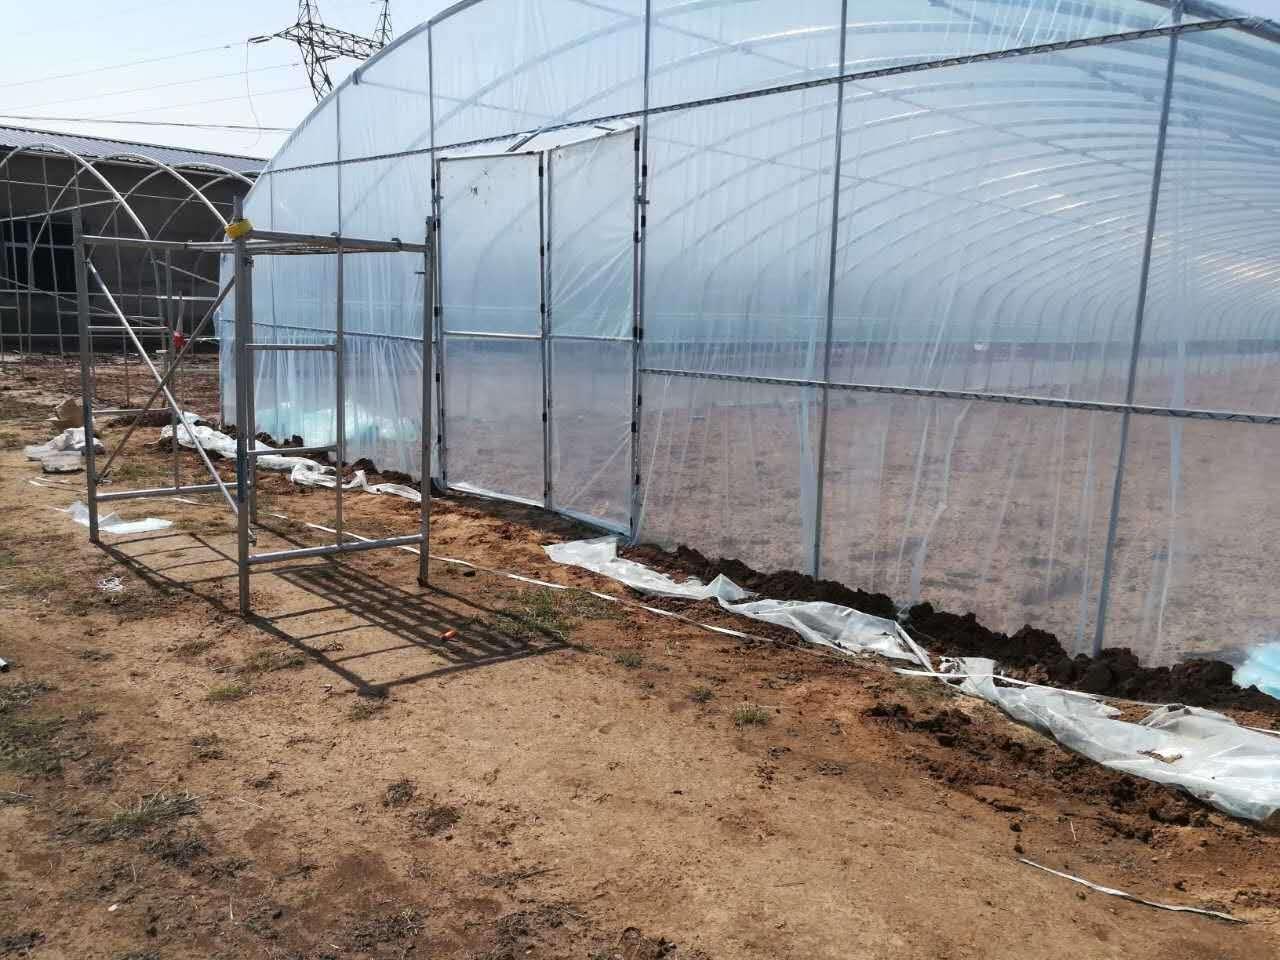 平凉温室大棚 平凉蔬菜大棚  平凉温室大棚厂家 平凉蔬菜大棚生产厂家